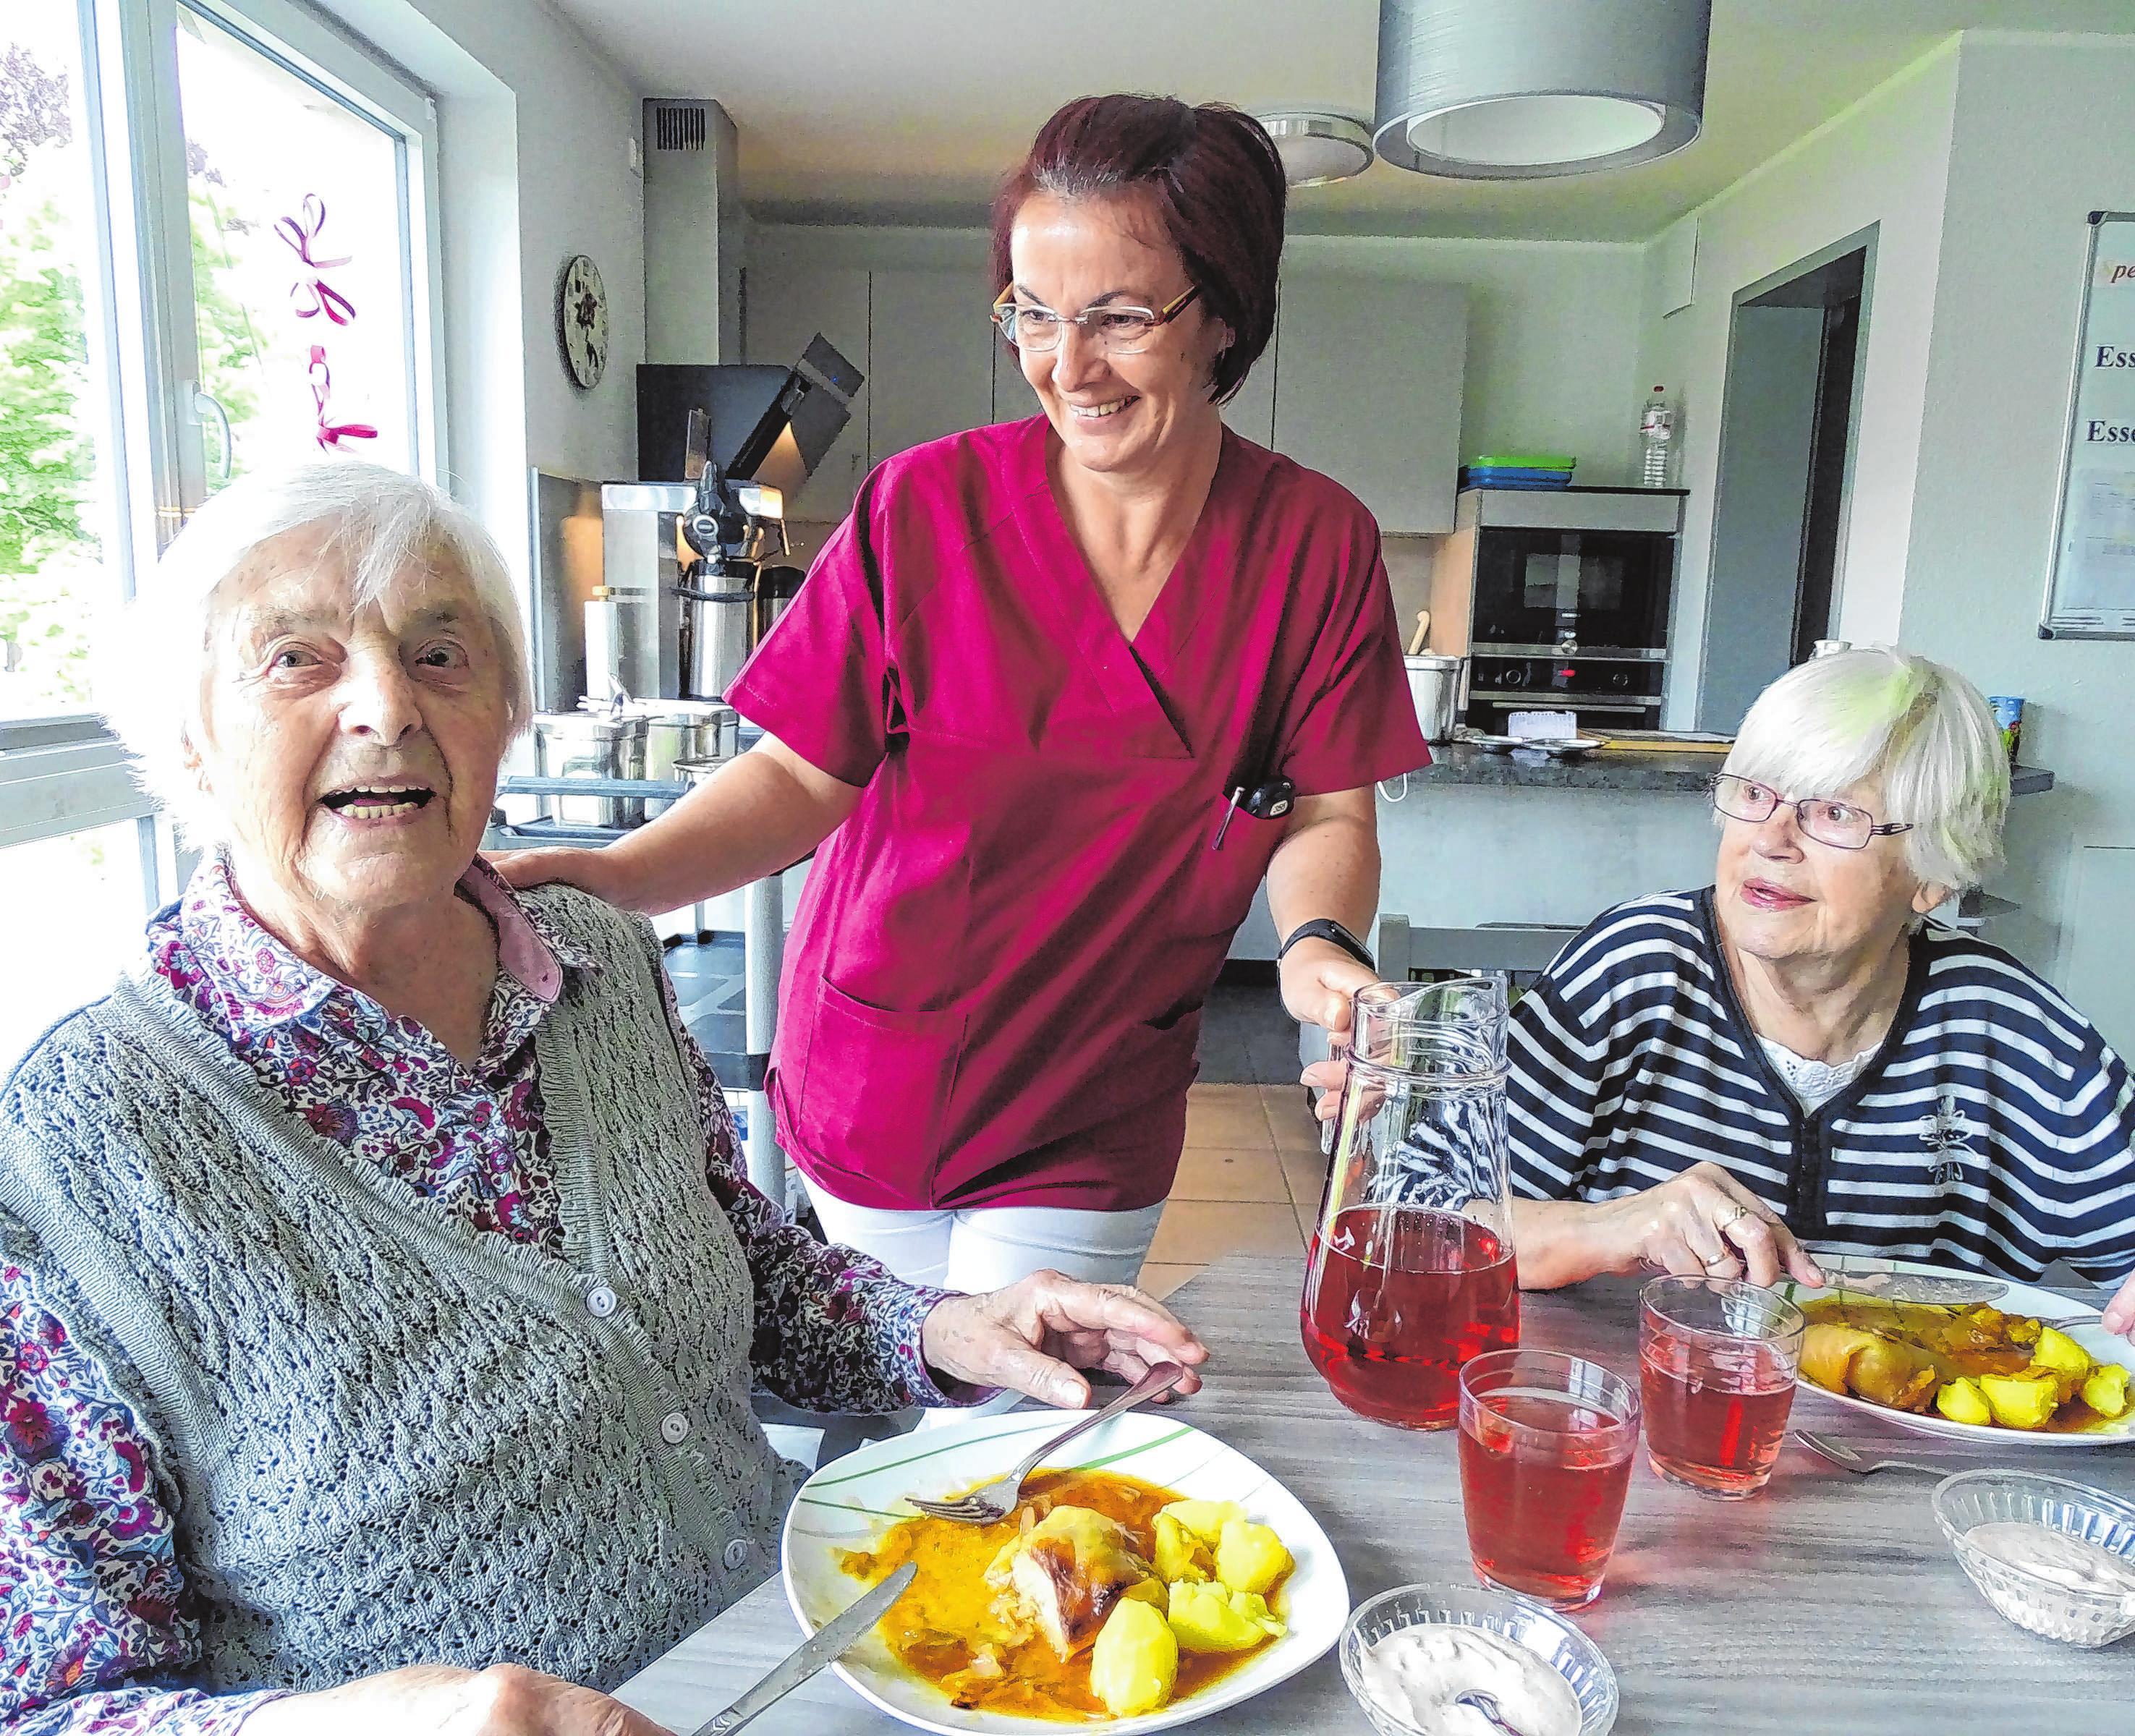 Gut versorgt beim Mittagessen mit leckeren Kohlrouladen: Gisela Goletz, Pflegehelferin Sarah Melcher und Ilse Hahn (v.l.)